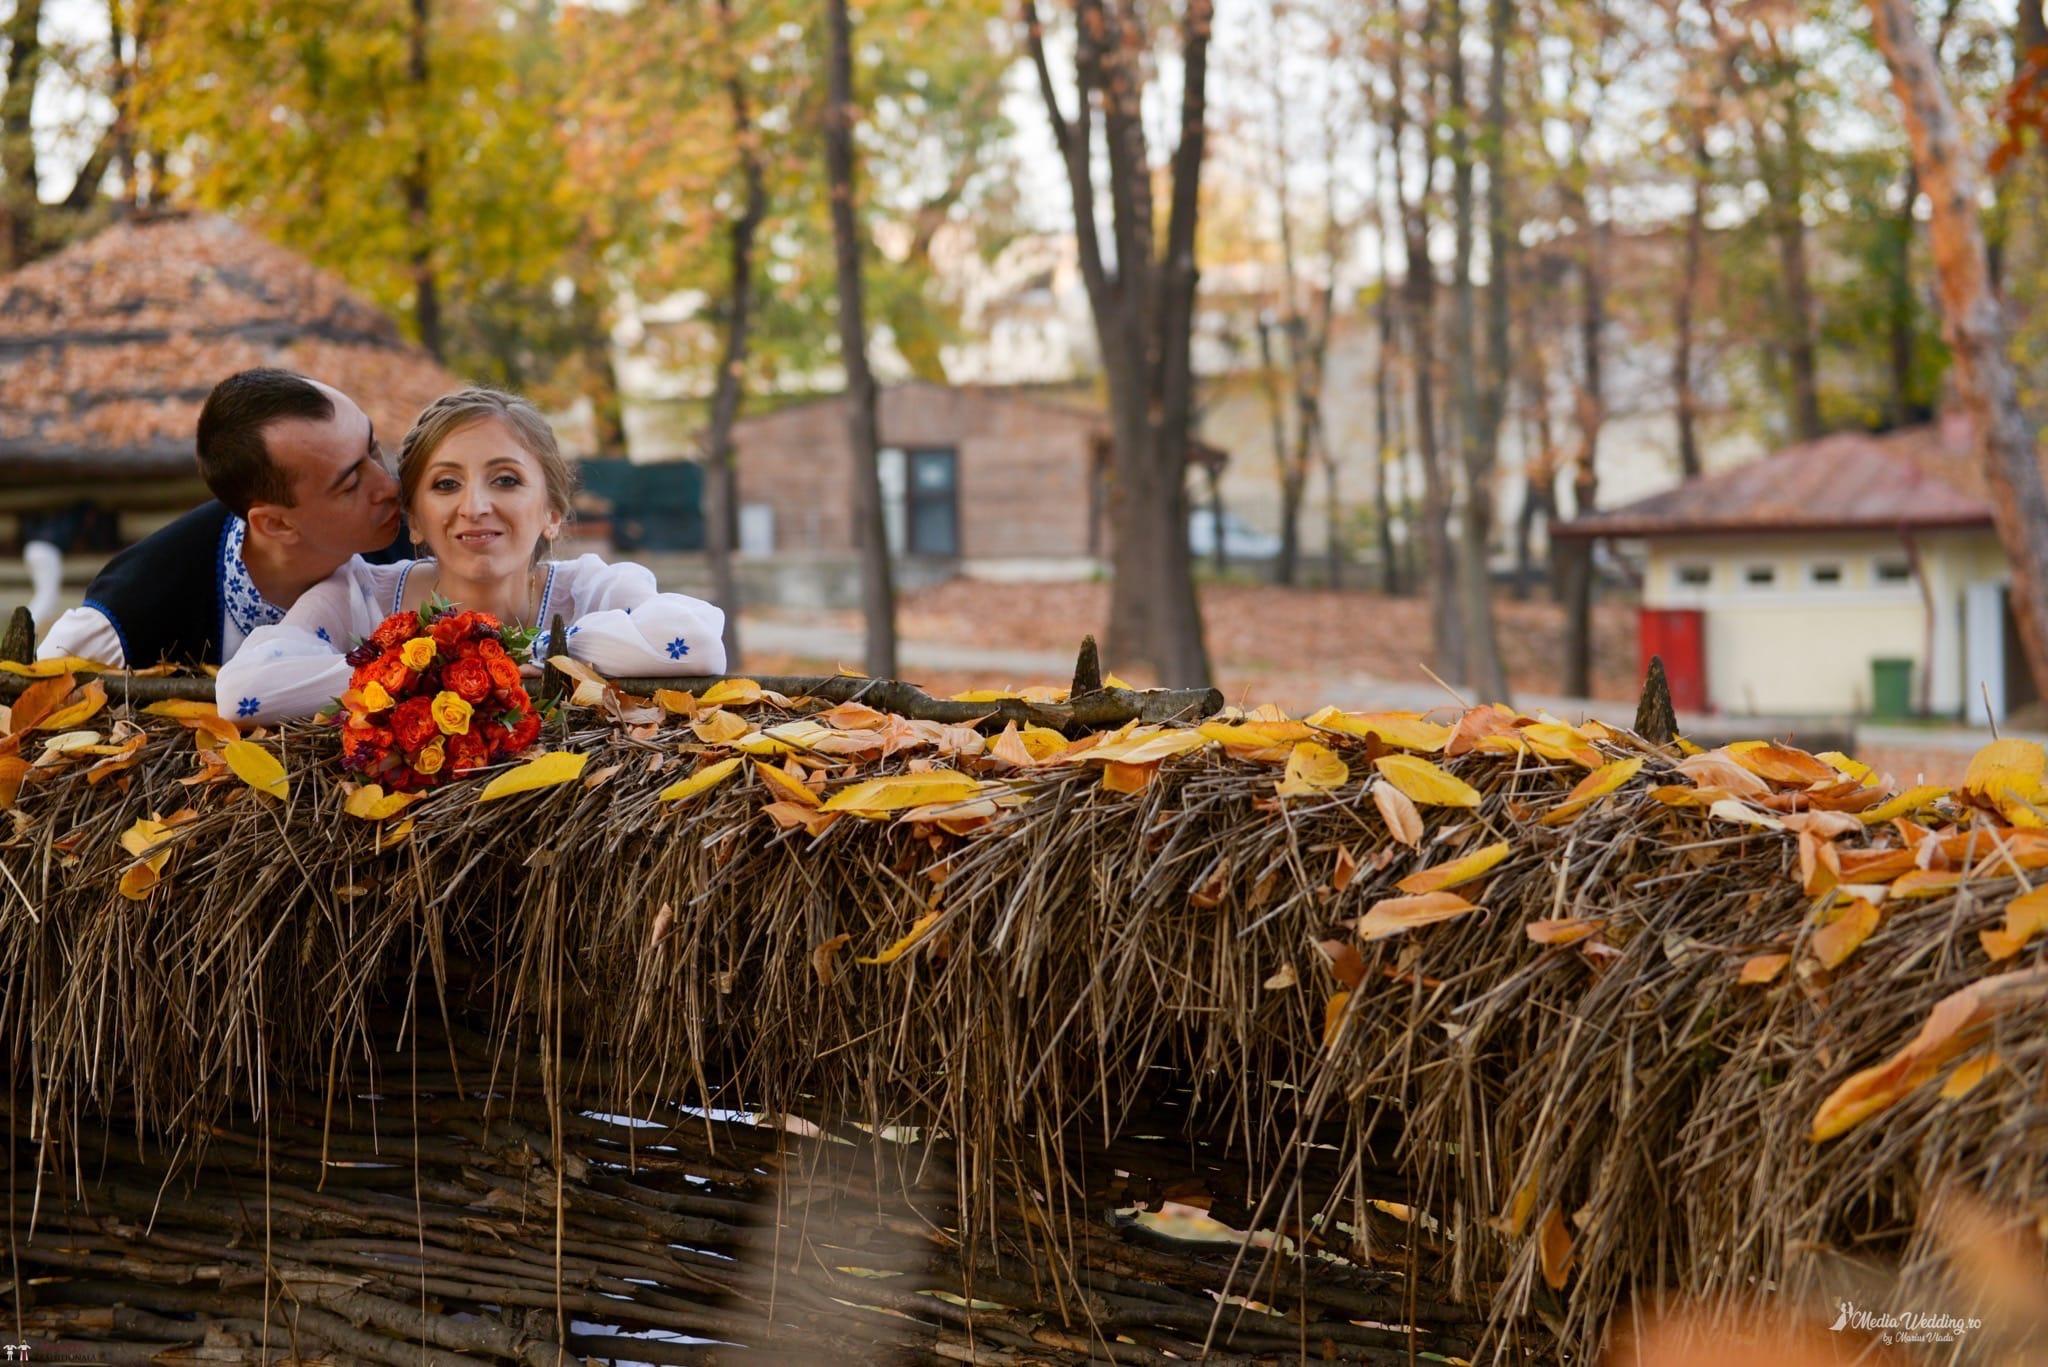 Povești Nunți Tradiționale - Alina-Maria și Ilie, nuntă tradițională în București 31